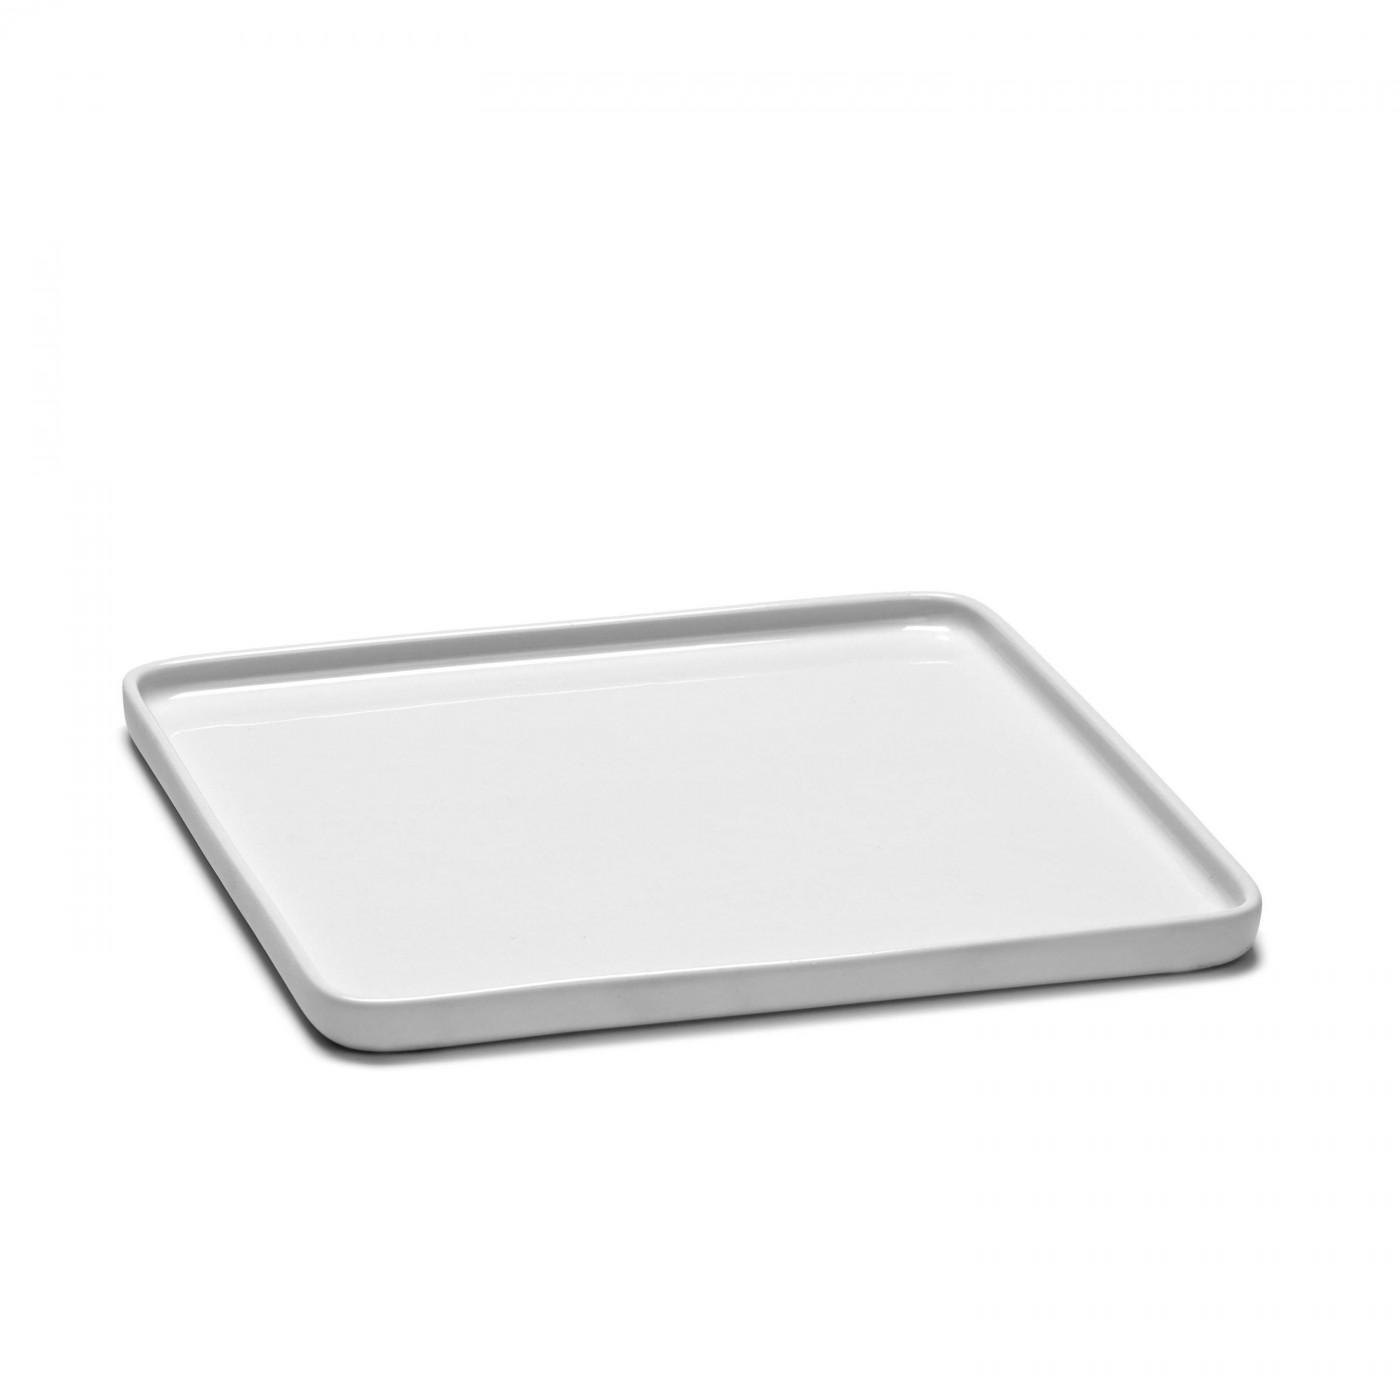 Assiette carrée en porcelaine blanche 20x20cm